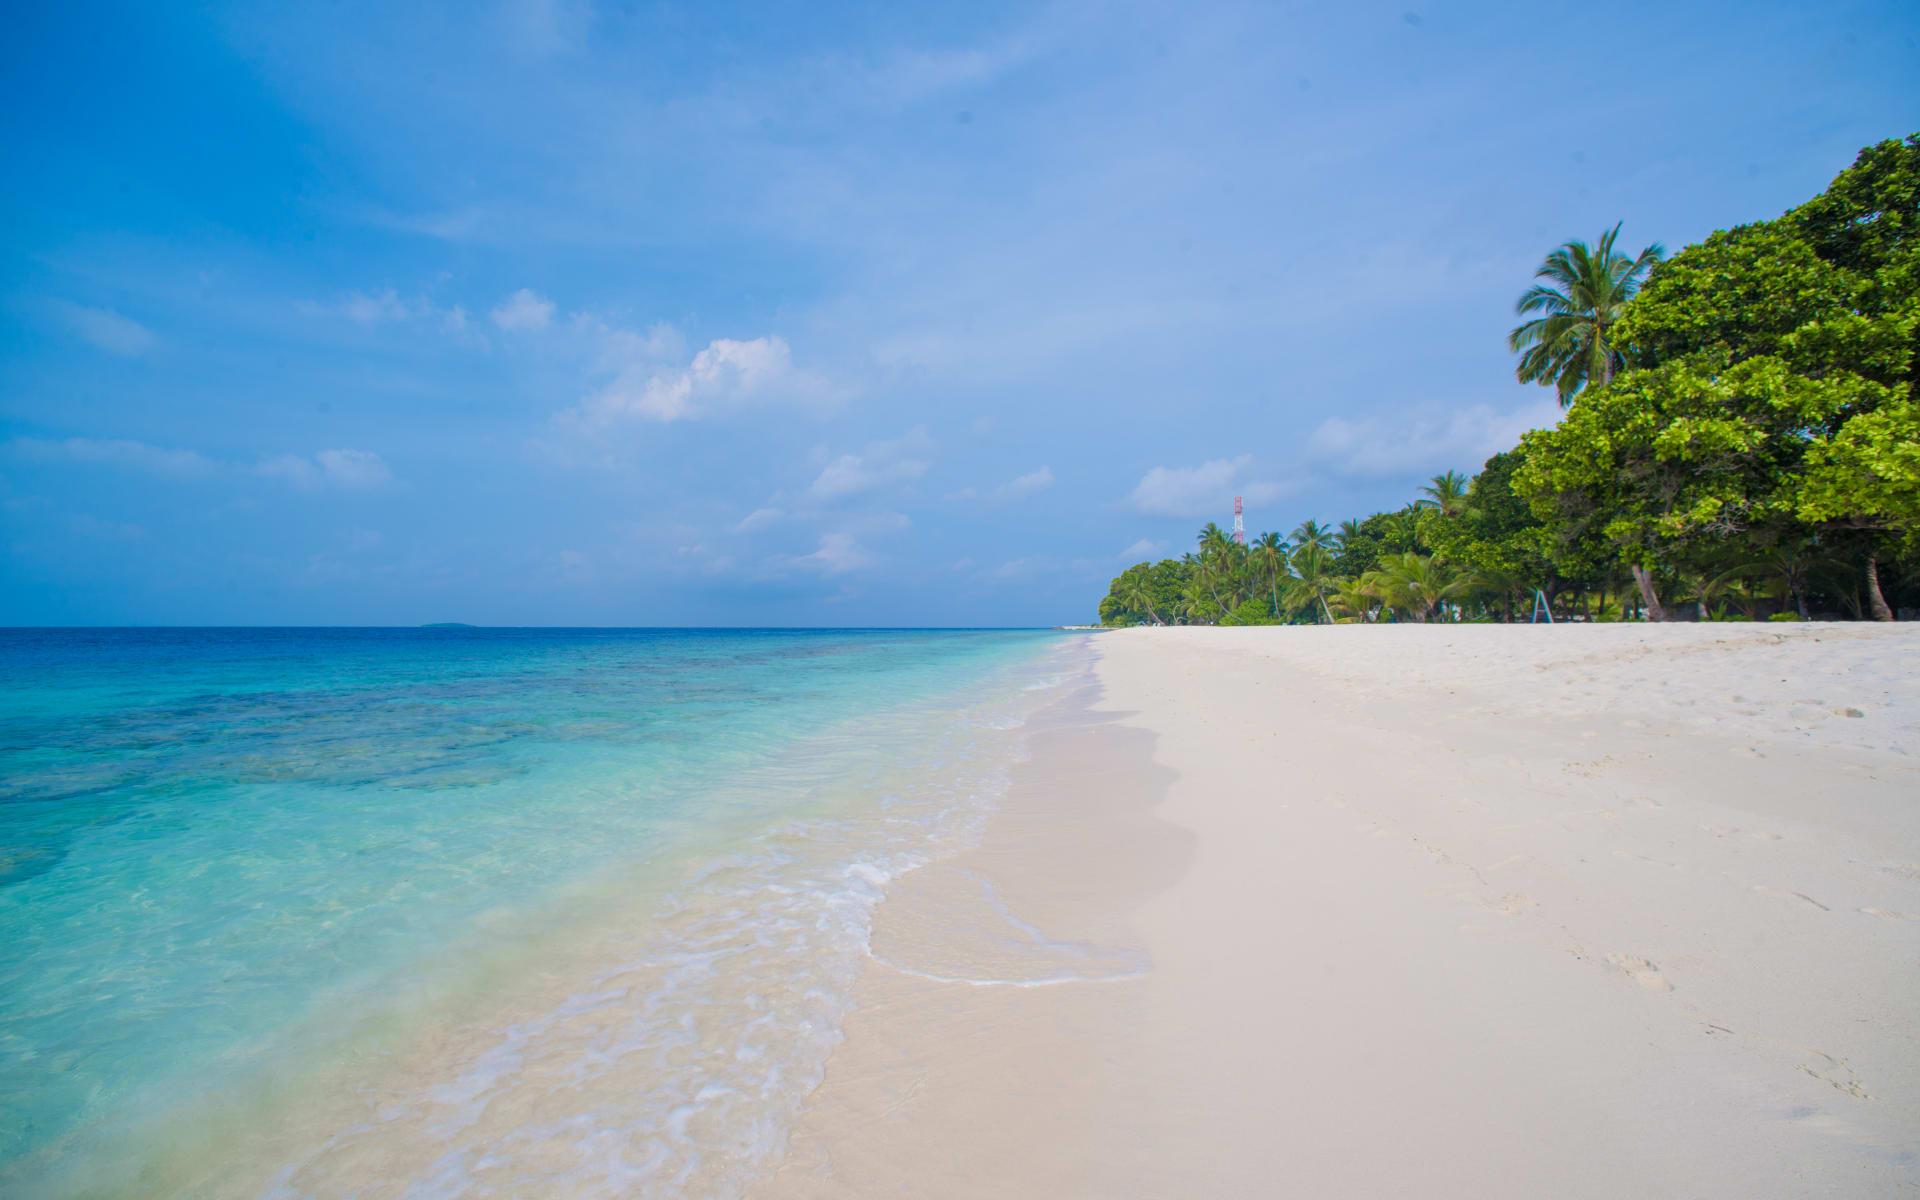 Kiha Beach in Dharavandhoo: